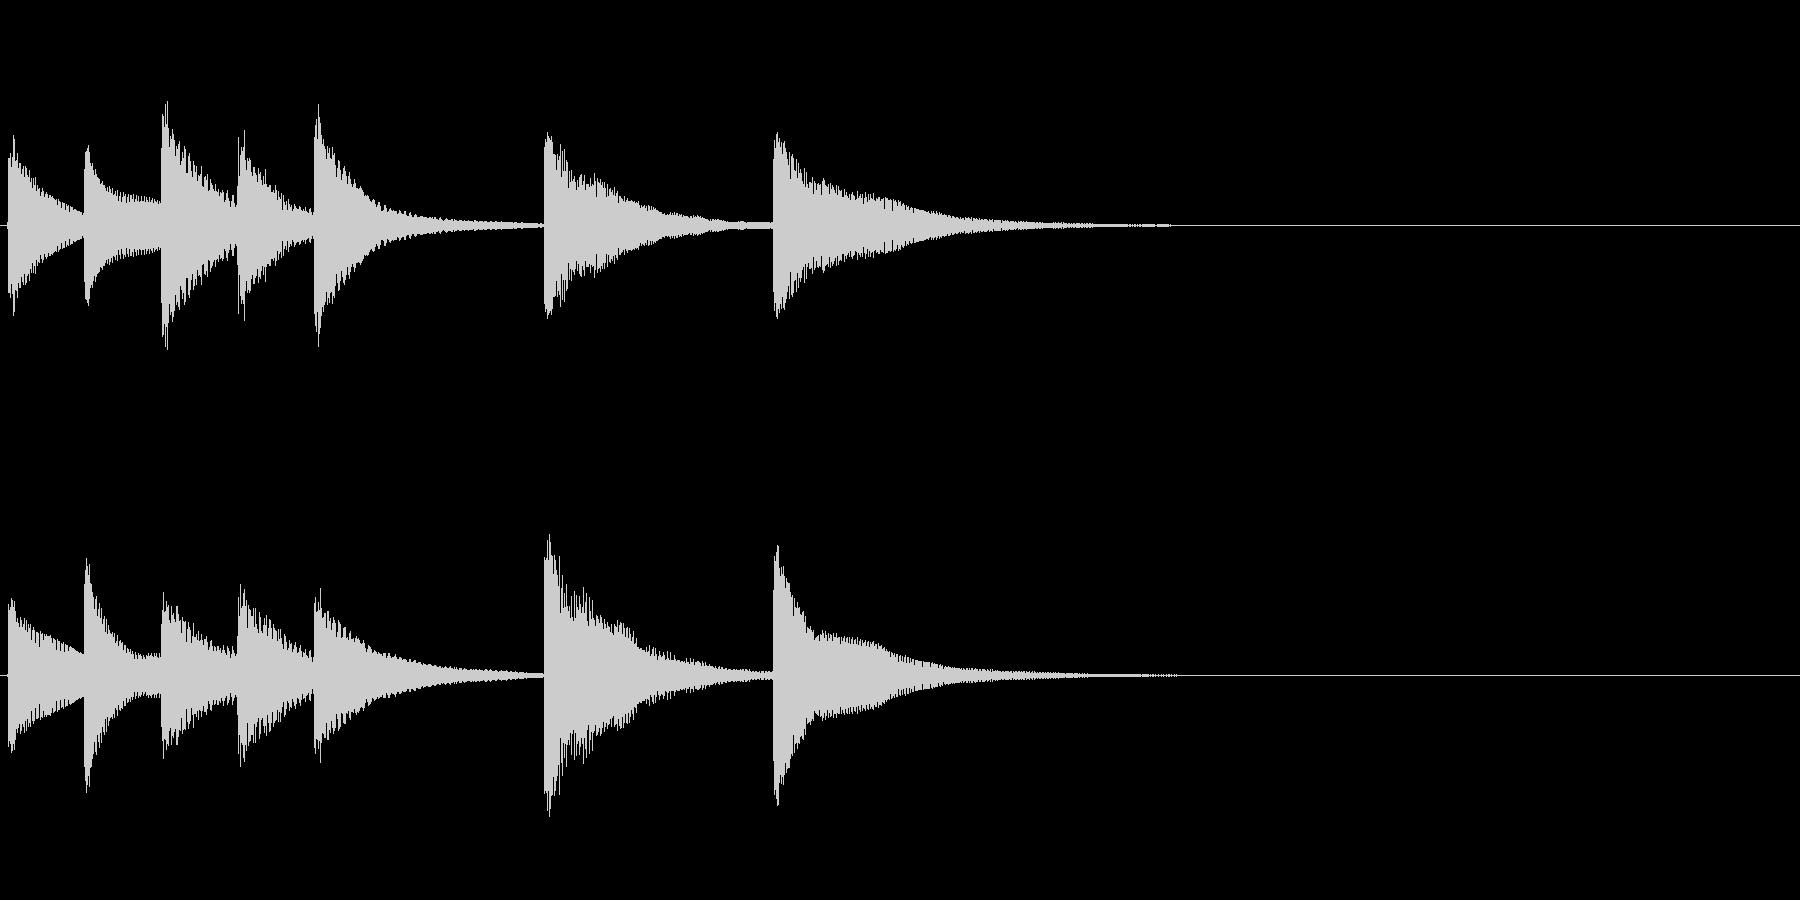 場面転換時用ジングル(BELL)の未再生の波形